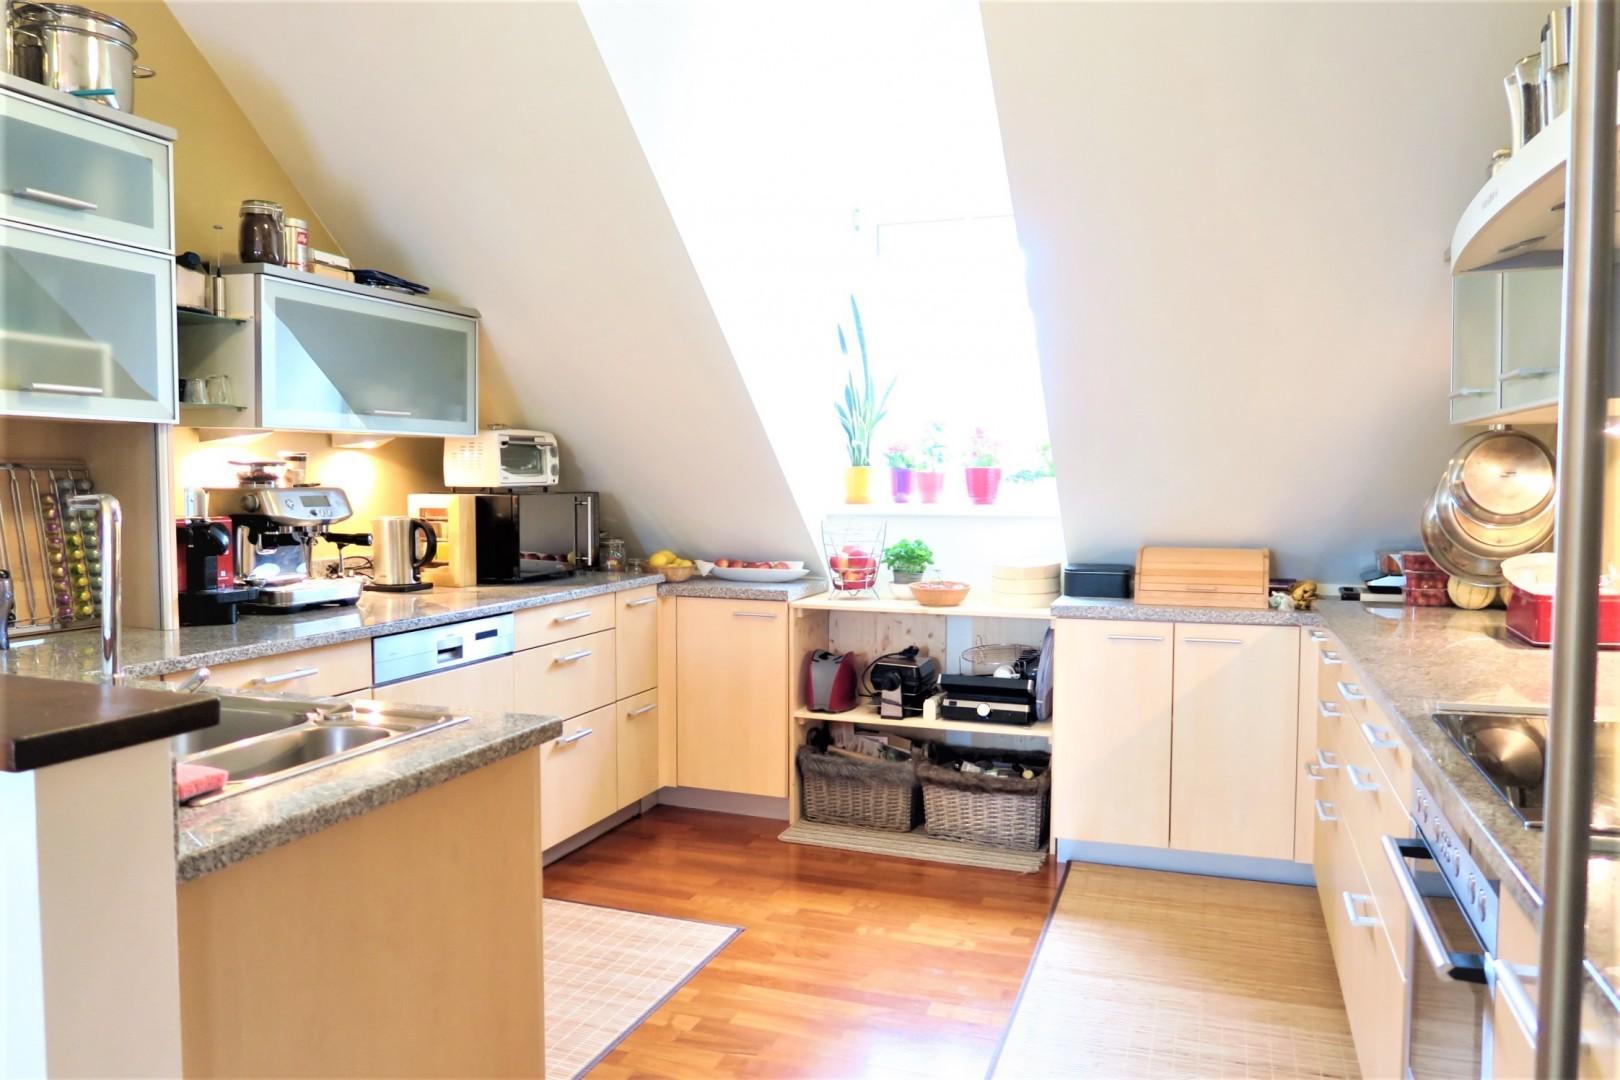 Familienwohnung sucht neue Besitzer! Kleiner Balkon, KFZ Stellplatz und mehr...!